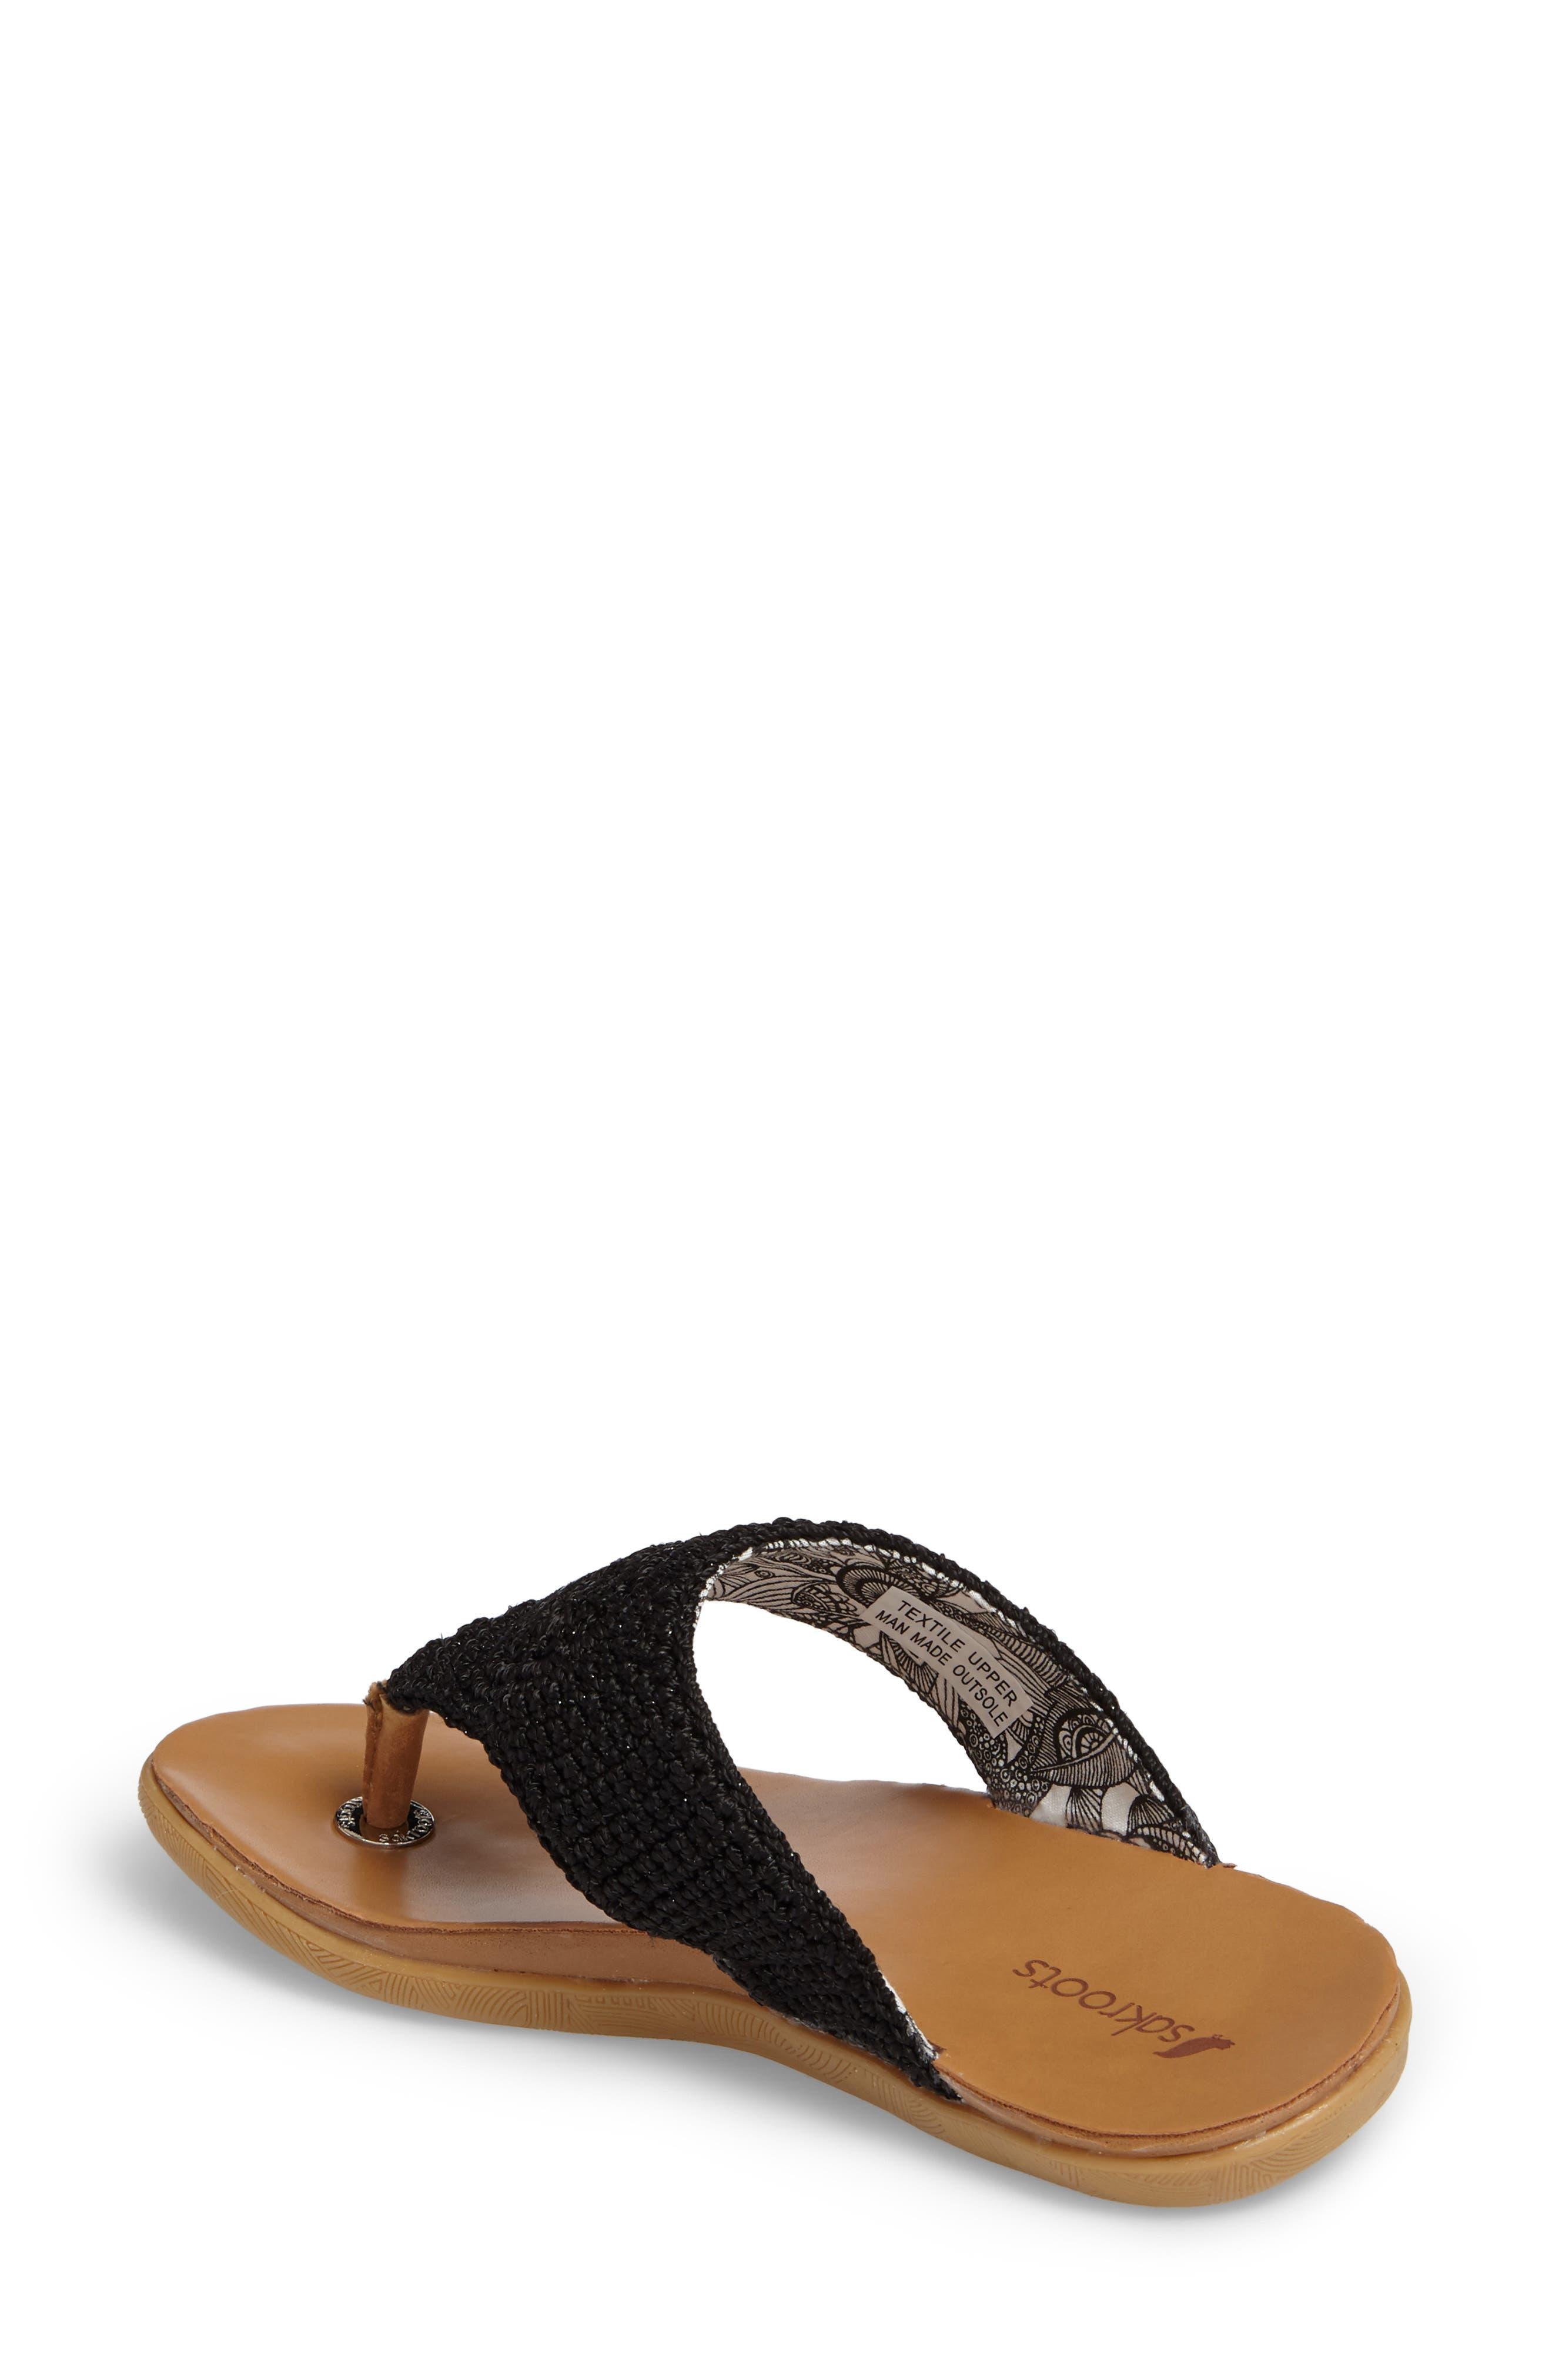 Sarria Flip Flop,                             Alternate thumbnail 2, color,                             BLACK SPARKLE FABRIC